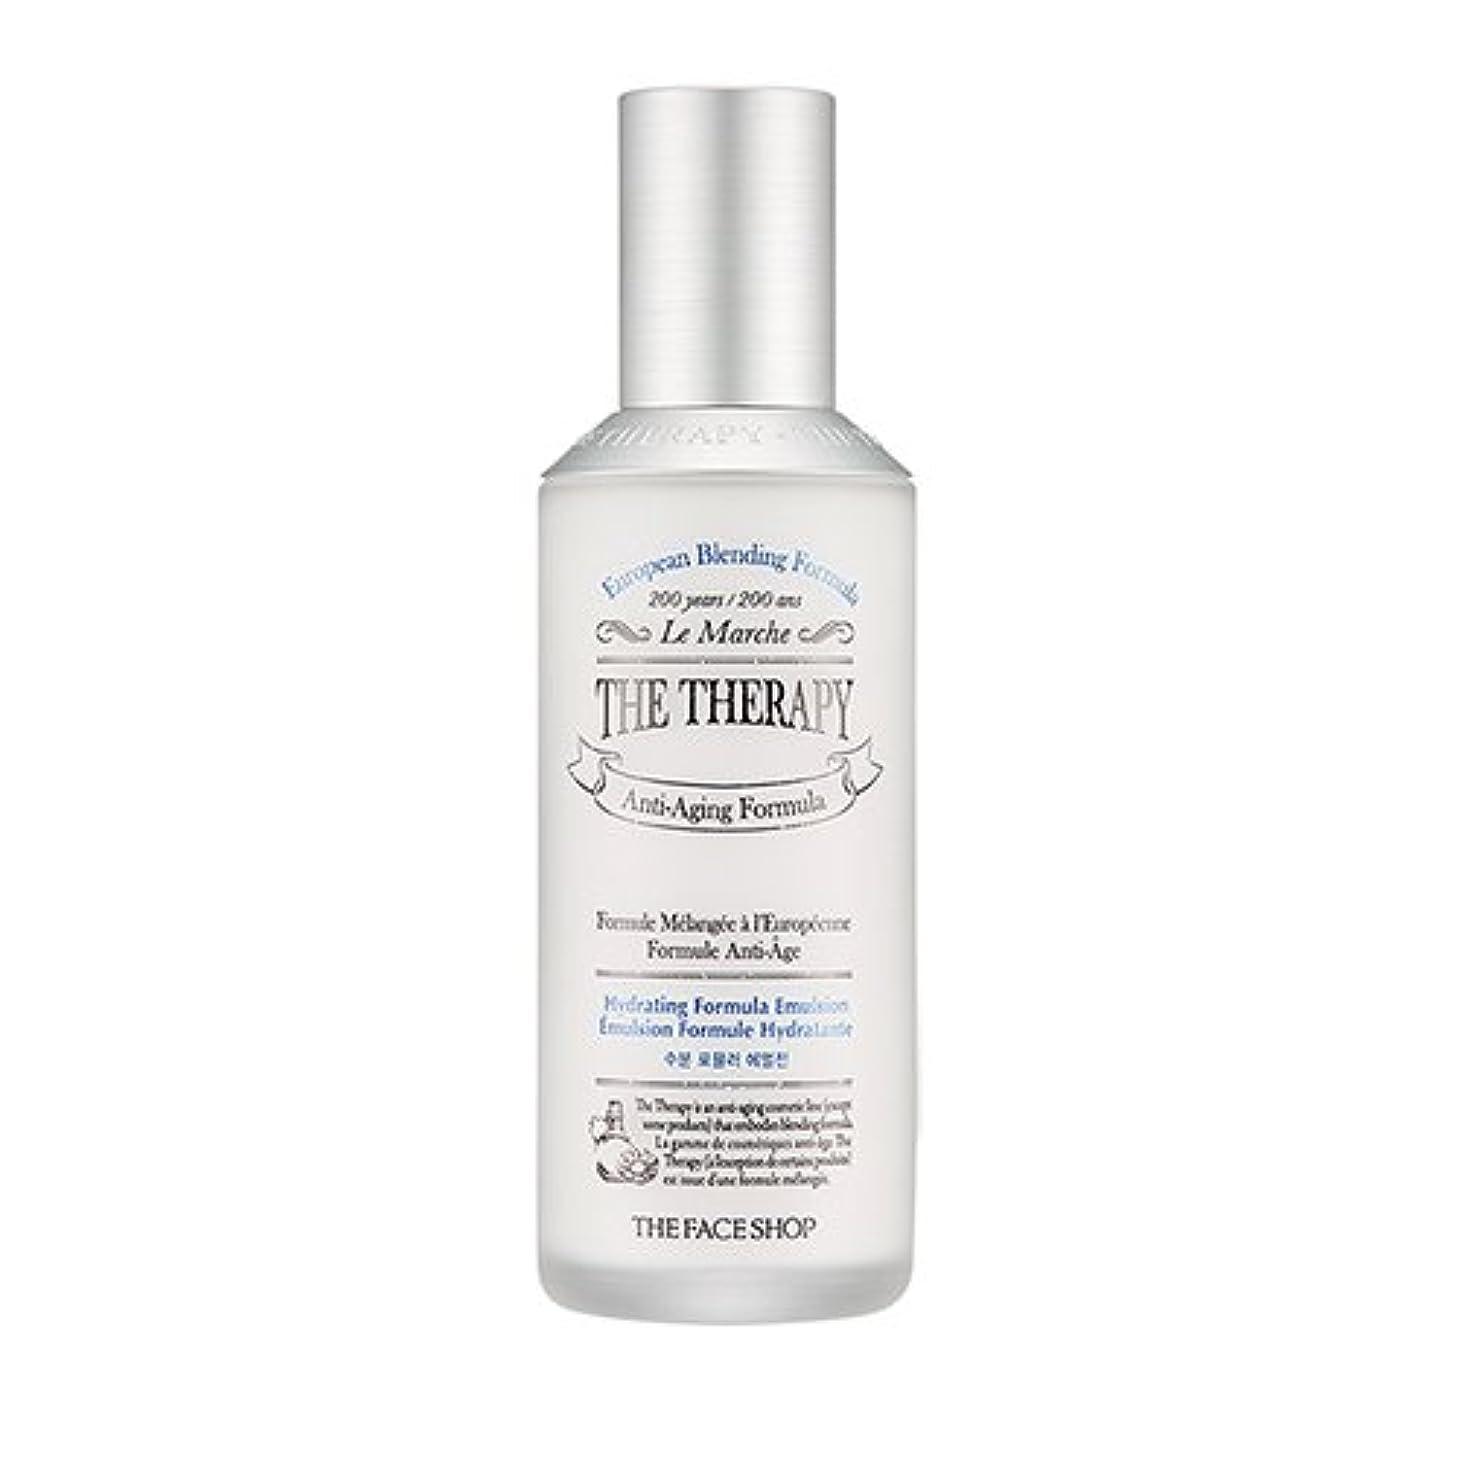 プライバシーとても属するTHE FACE SHOP The Therapy Hydrating Formula Emulsion 130ml/ザフェイスショップ ザ セラピー ハイドレーティング フォーミュラ エマルジョン 130ml